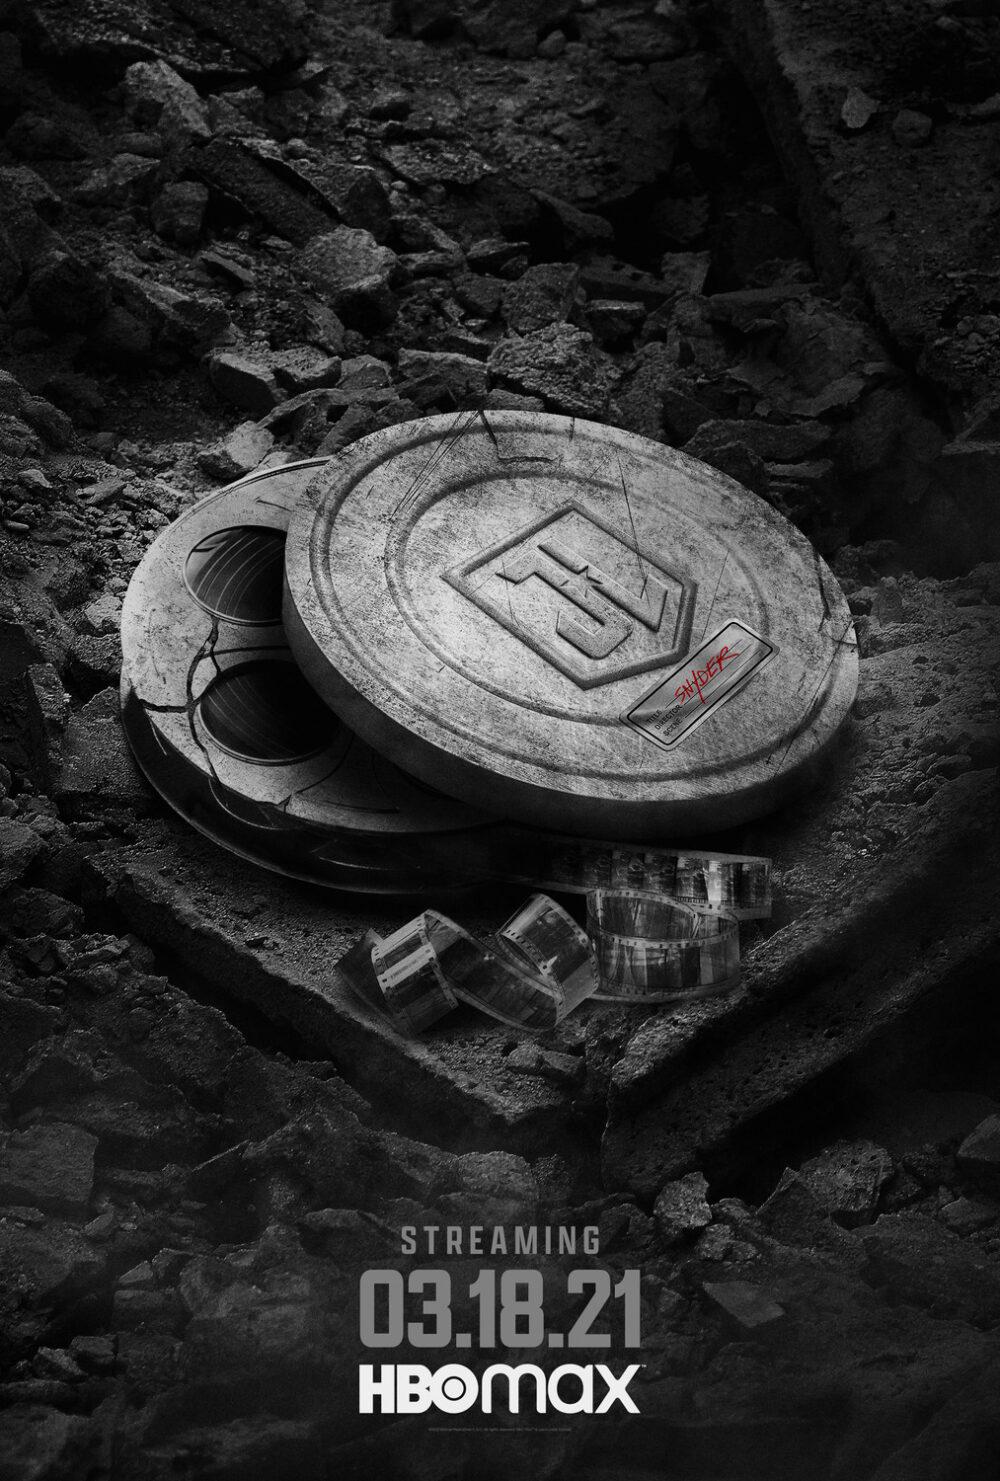 justice-league-nuovo-trailer-dello-snyder-cut-con-il-joker-di-jared-leto-2-1